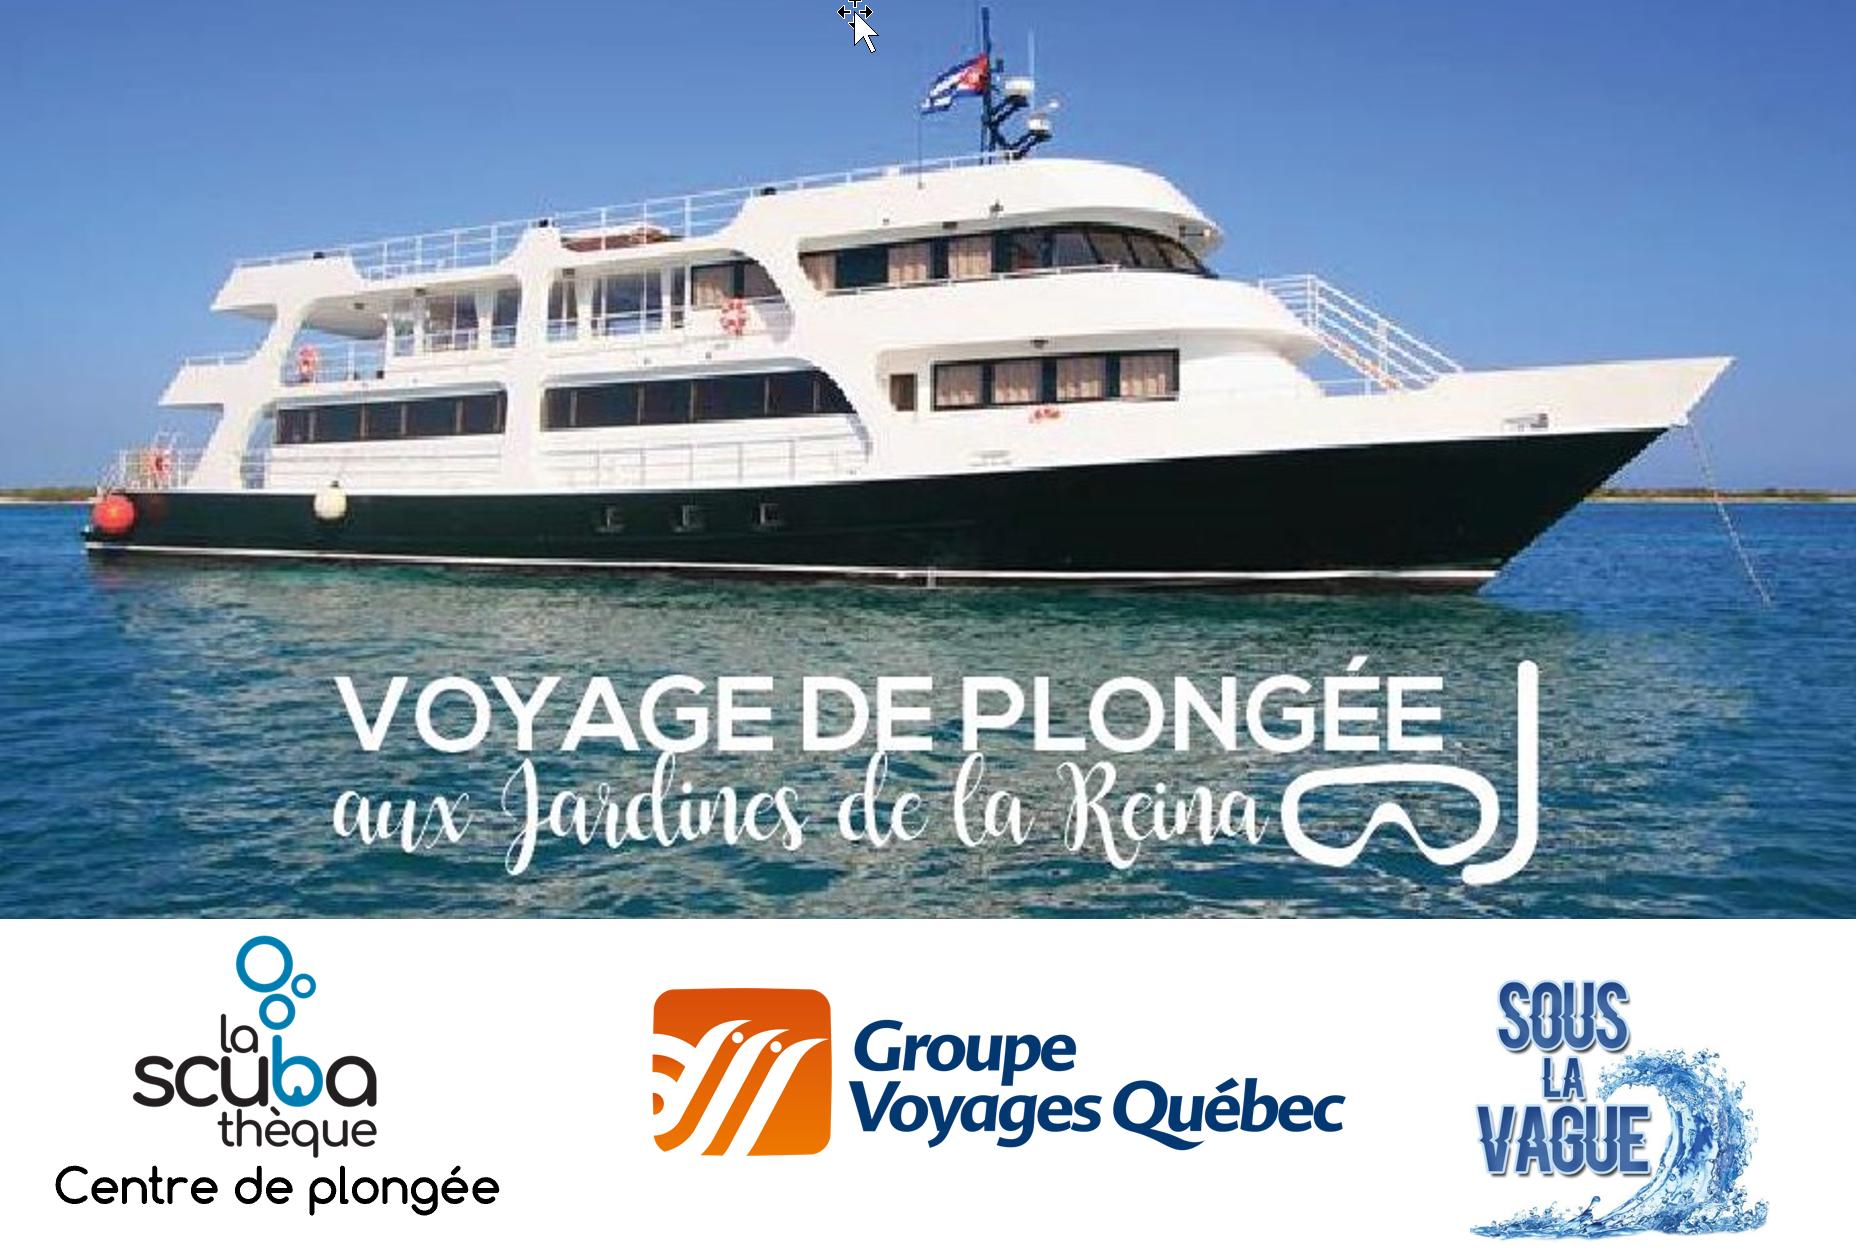 Voyage de plongée aux Jardines de la Reina à Cuba  - Mai 2020 - Demande de réservation